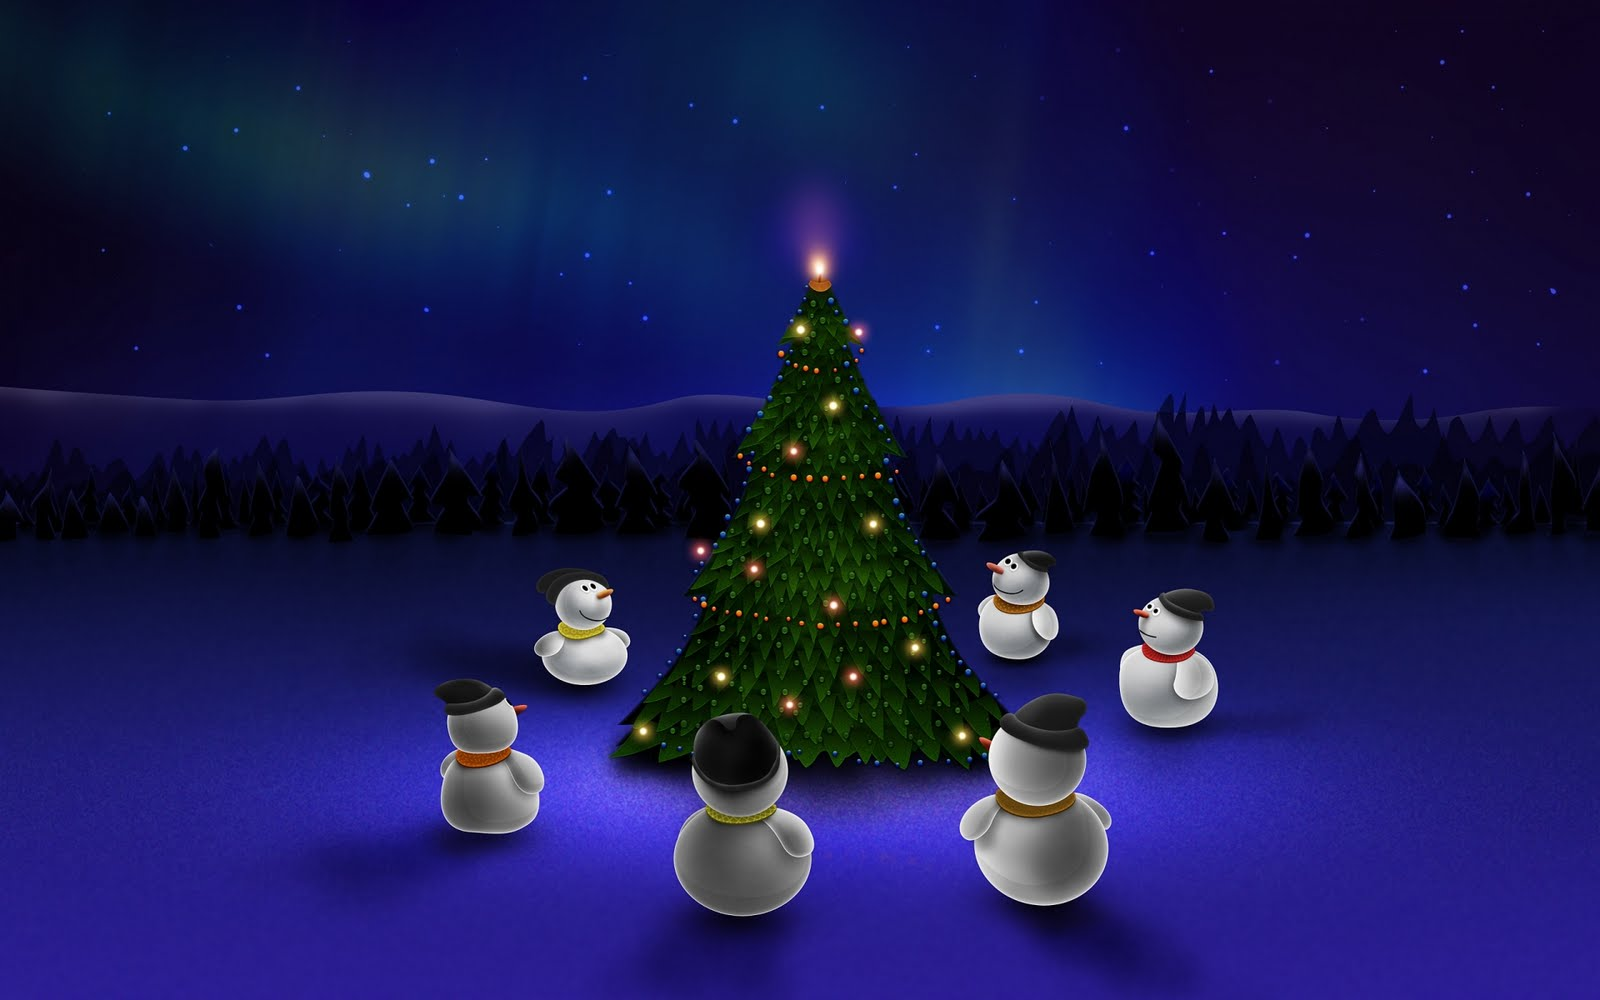 Muñecos de nieve alrededor del árbol de Navidad